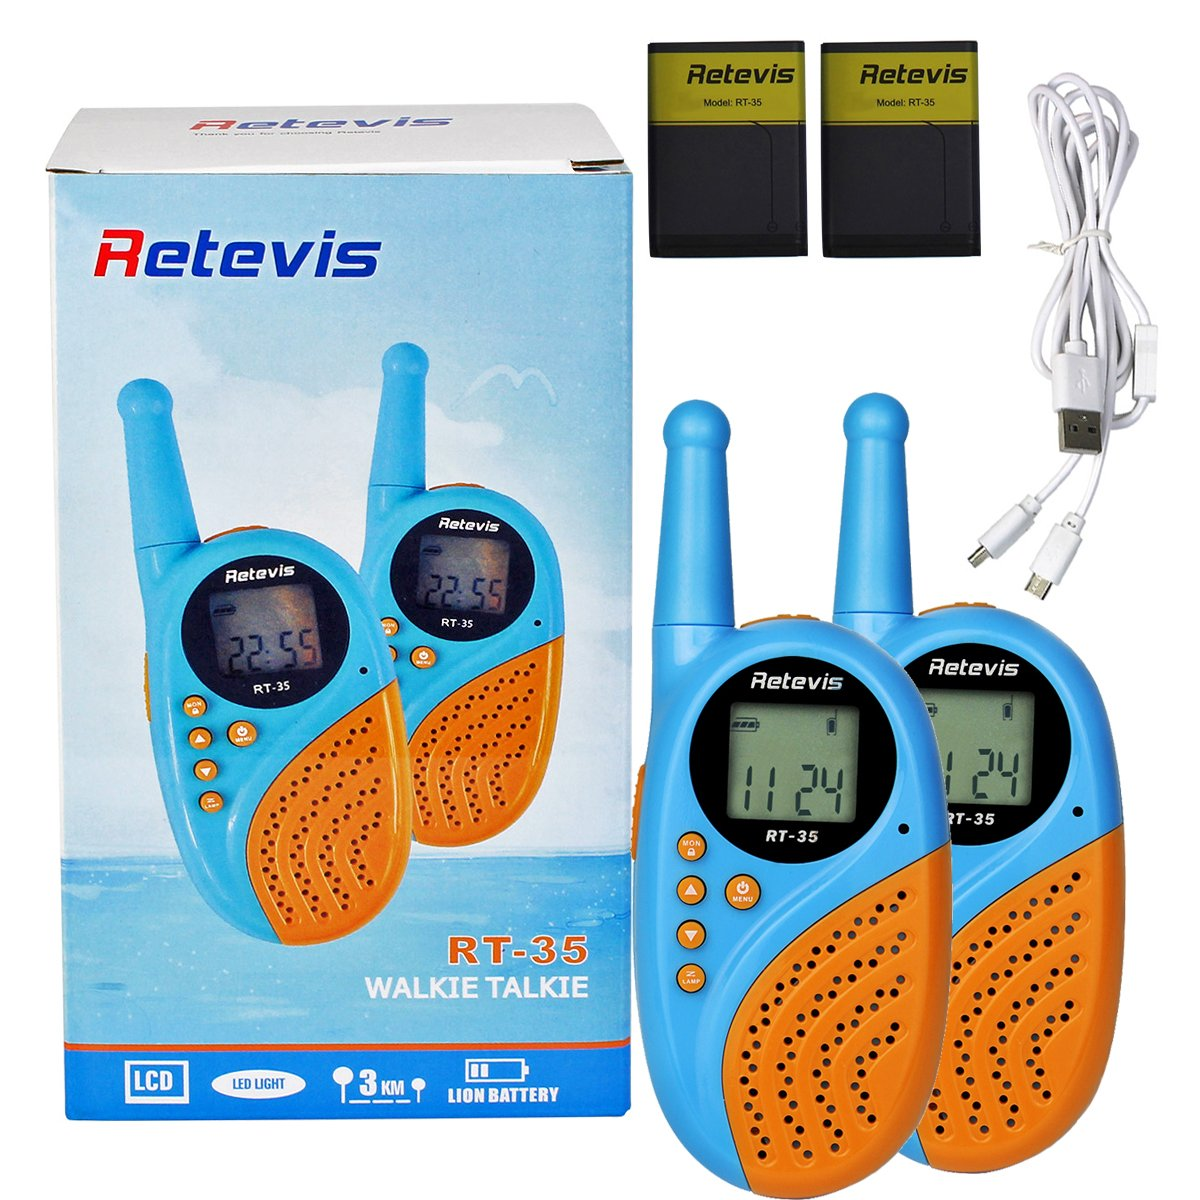 Retevis RT-35 Kids Walkie Talkies 22 Channels VOX Rechargeable walkie Talkie with Digital Clock Alarm (Bule, 1 Pair) by Retevis (Image #7)